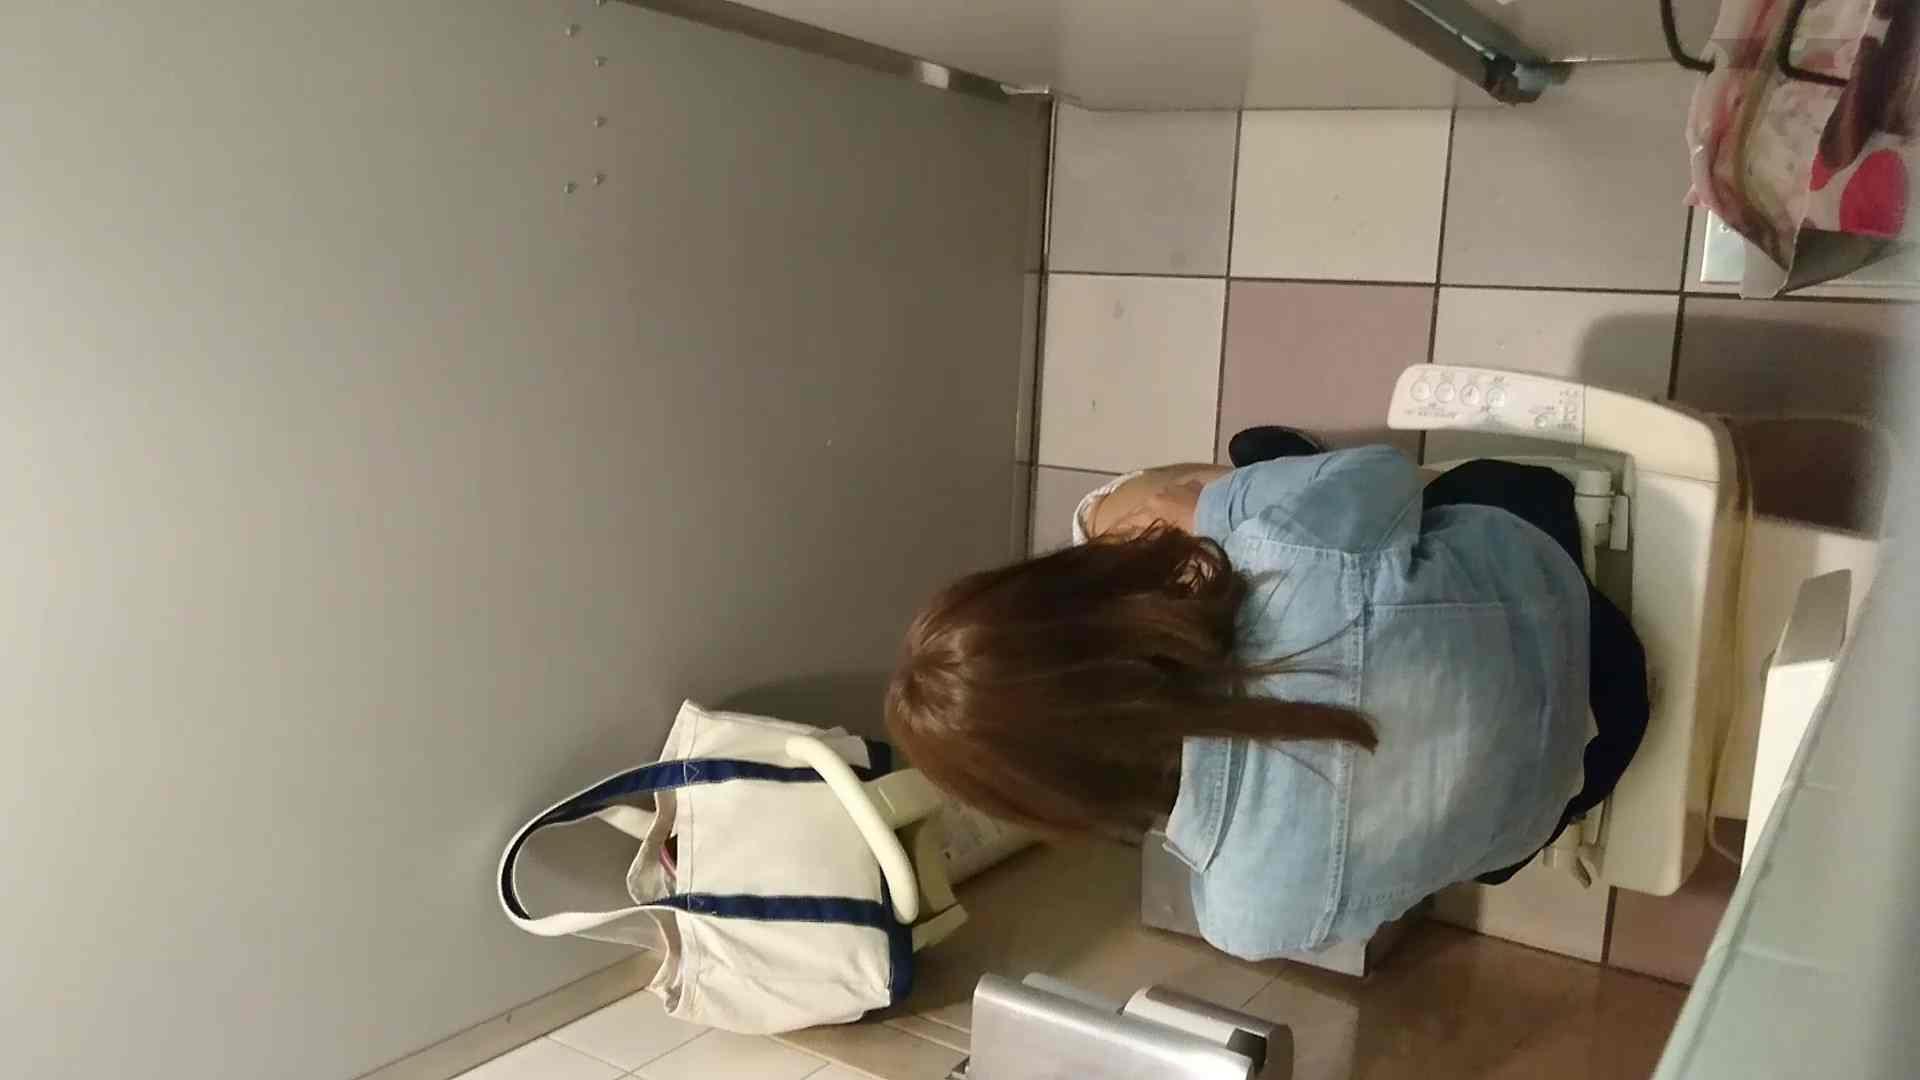 化粧室絵巻 ショッピングモール編 VOL.17 洗面所のぞき セックス無修正動画無料 104枚 22